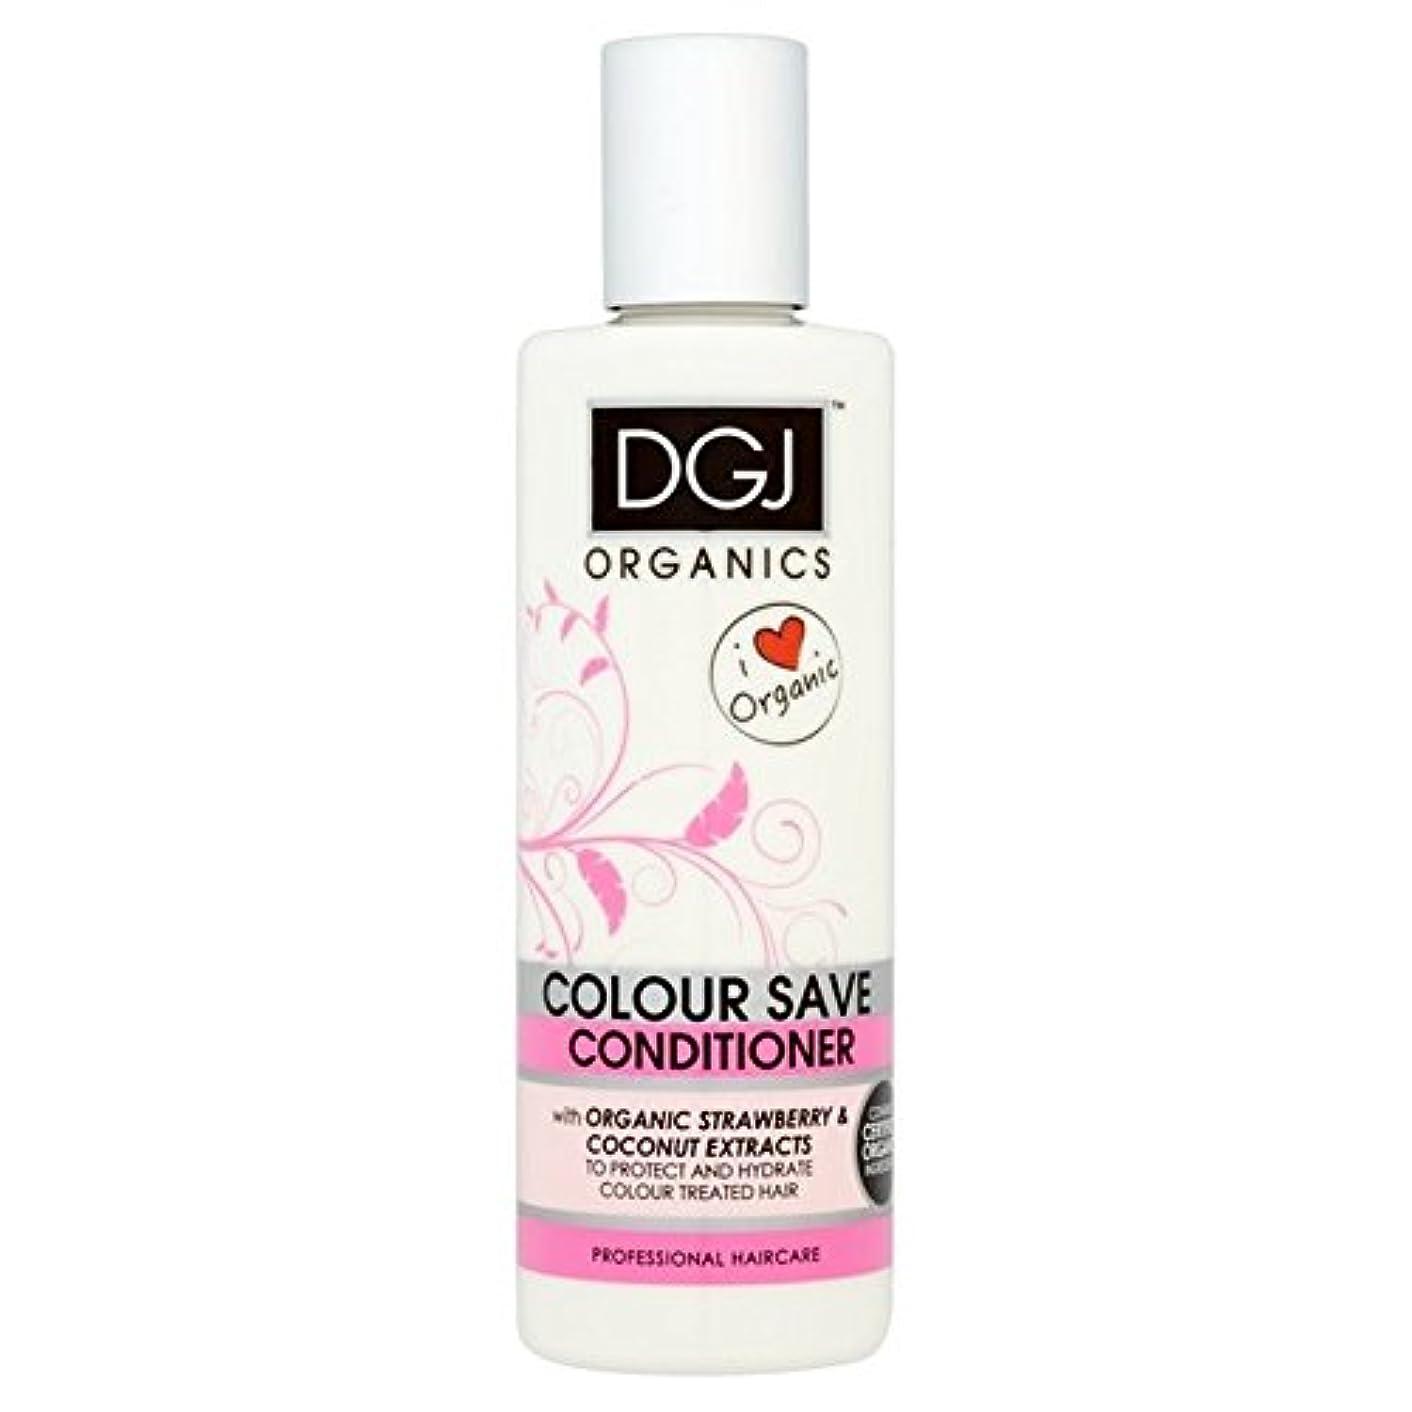 学期日没アメリカDGJ Organics Colour Save Conditioner 250ml (Pack of 6) - 有機物の色コンディショナー250を保存 x6 [並行輸入品]